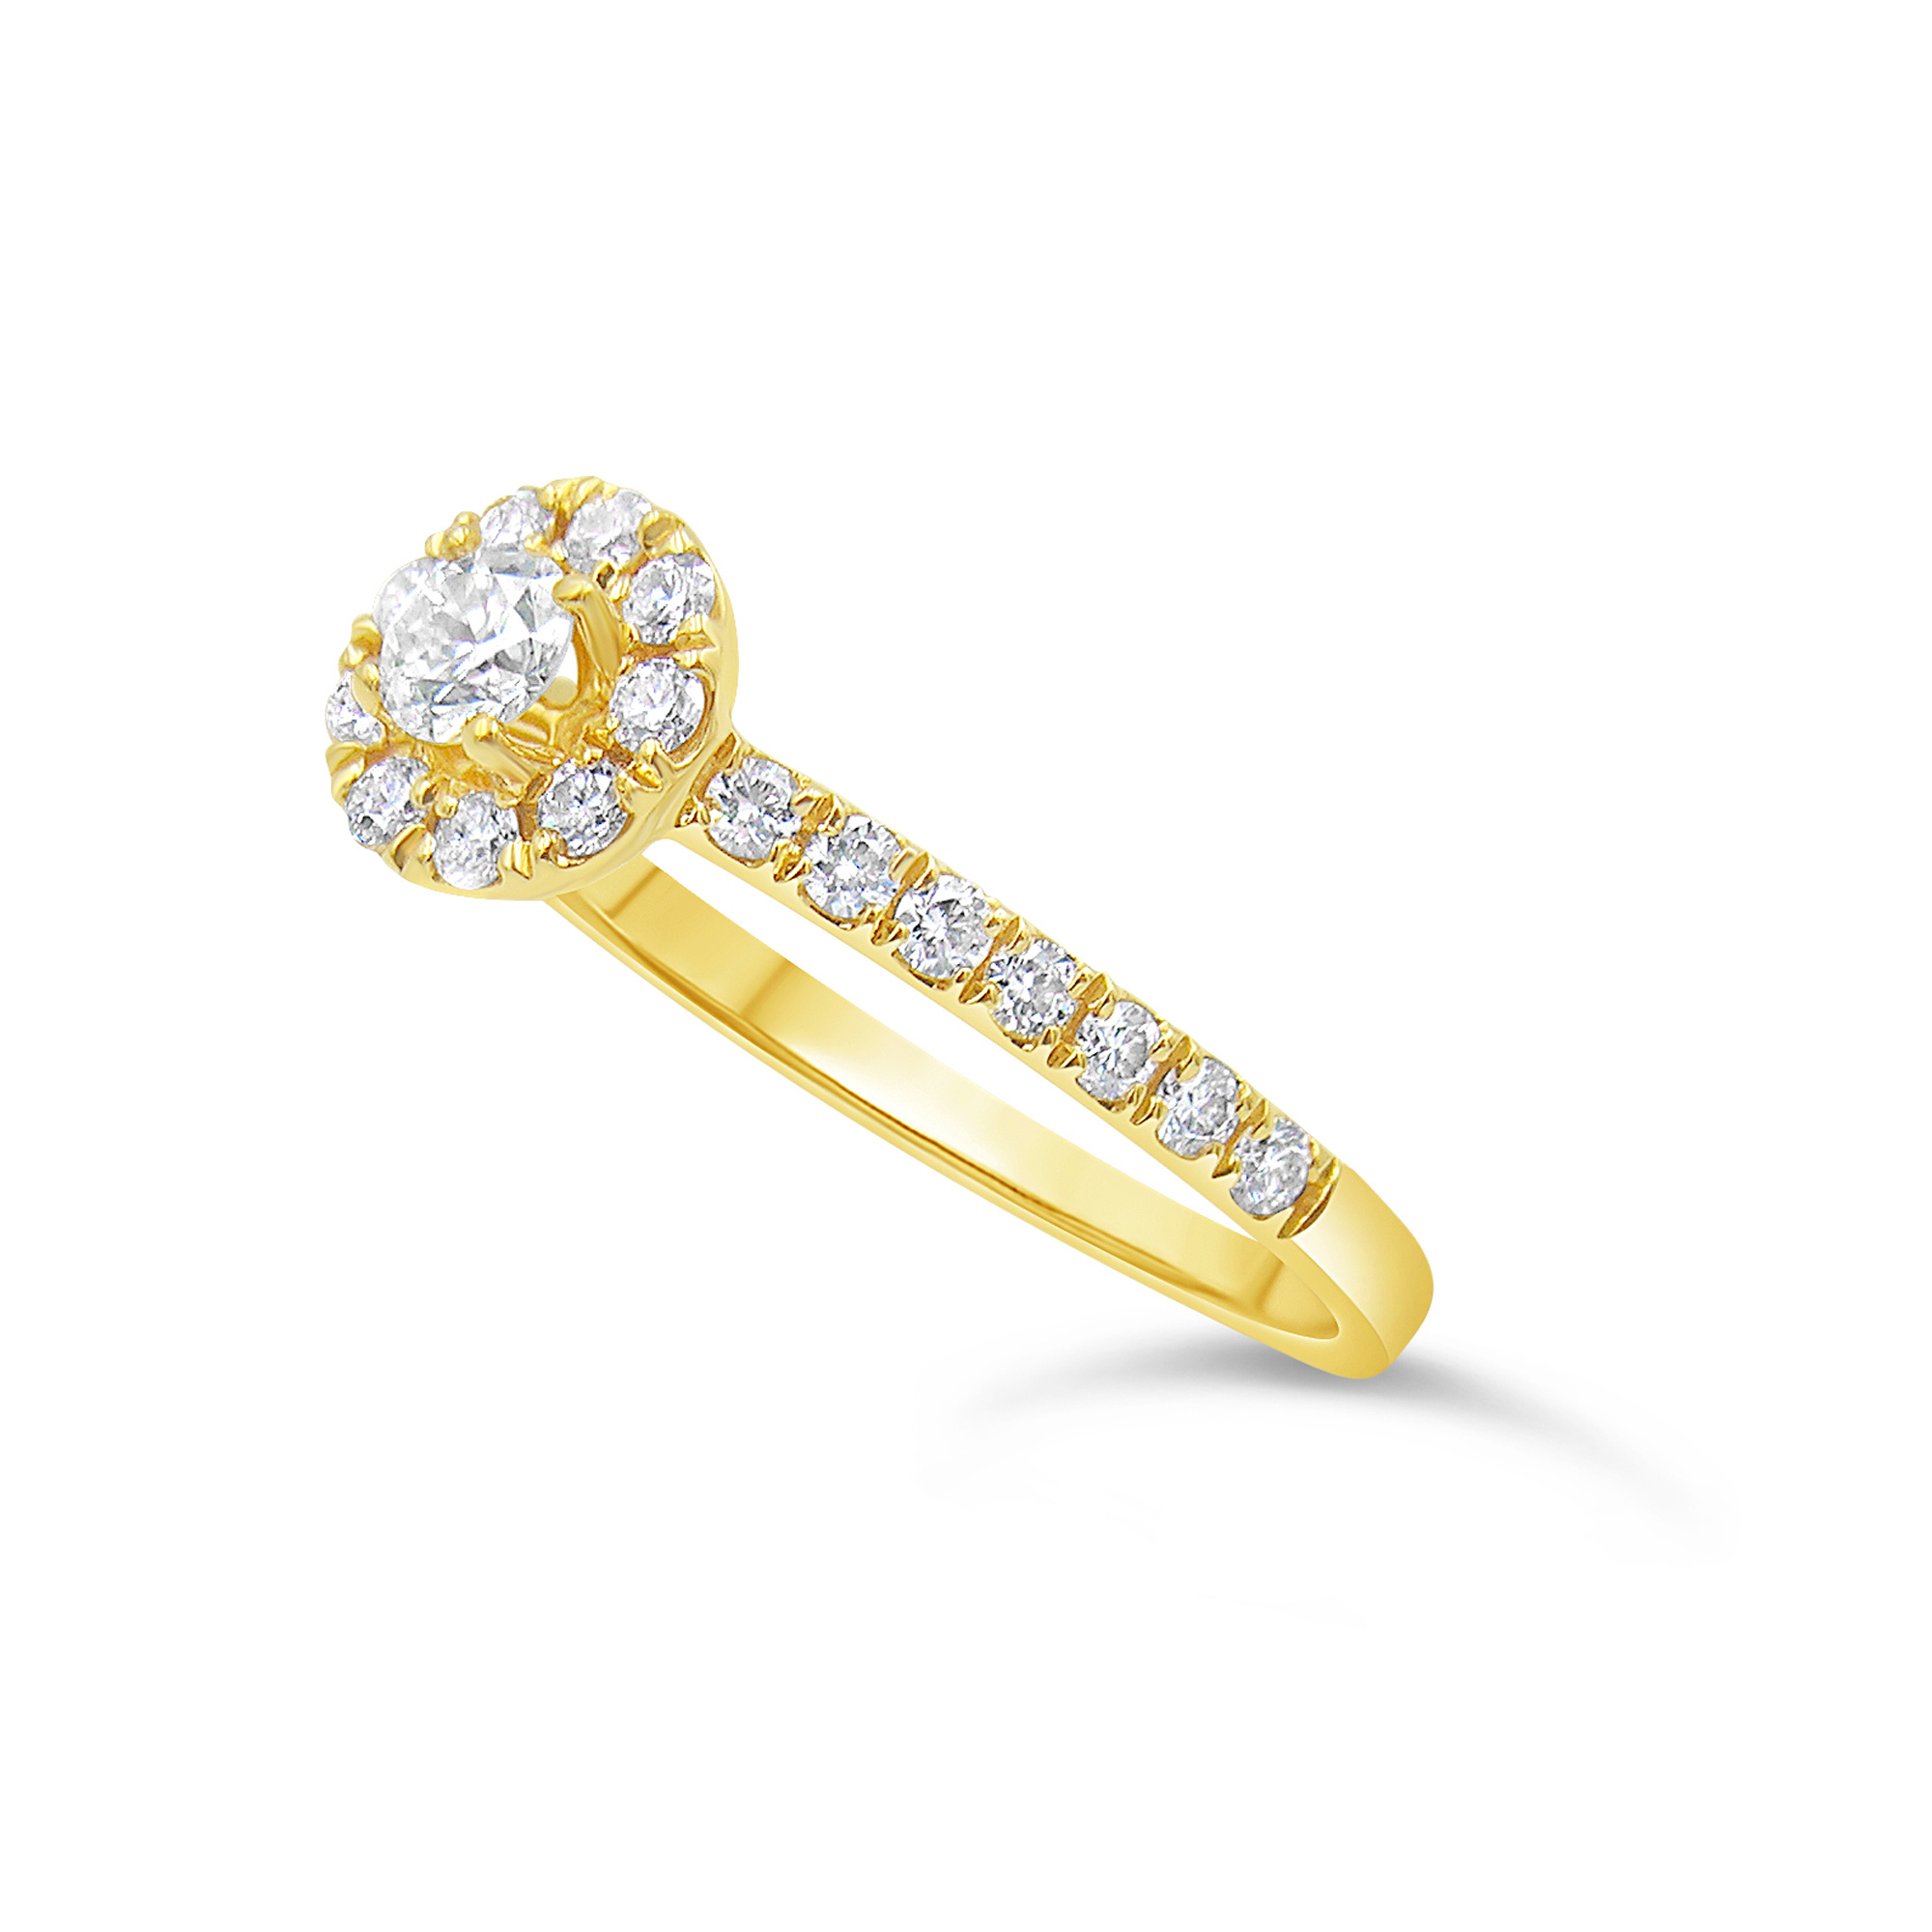 18kt geel goud verlovingsring met 0.60 ct diamanten